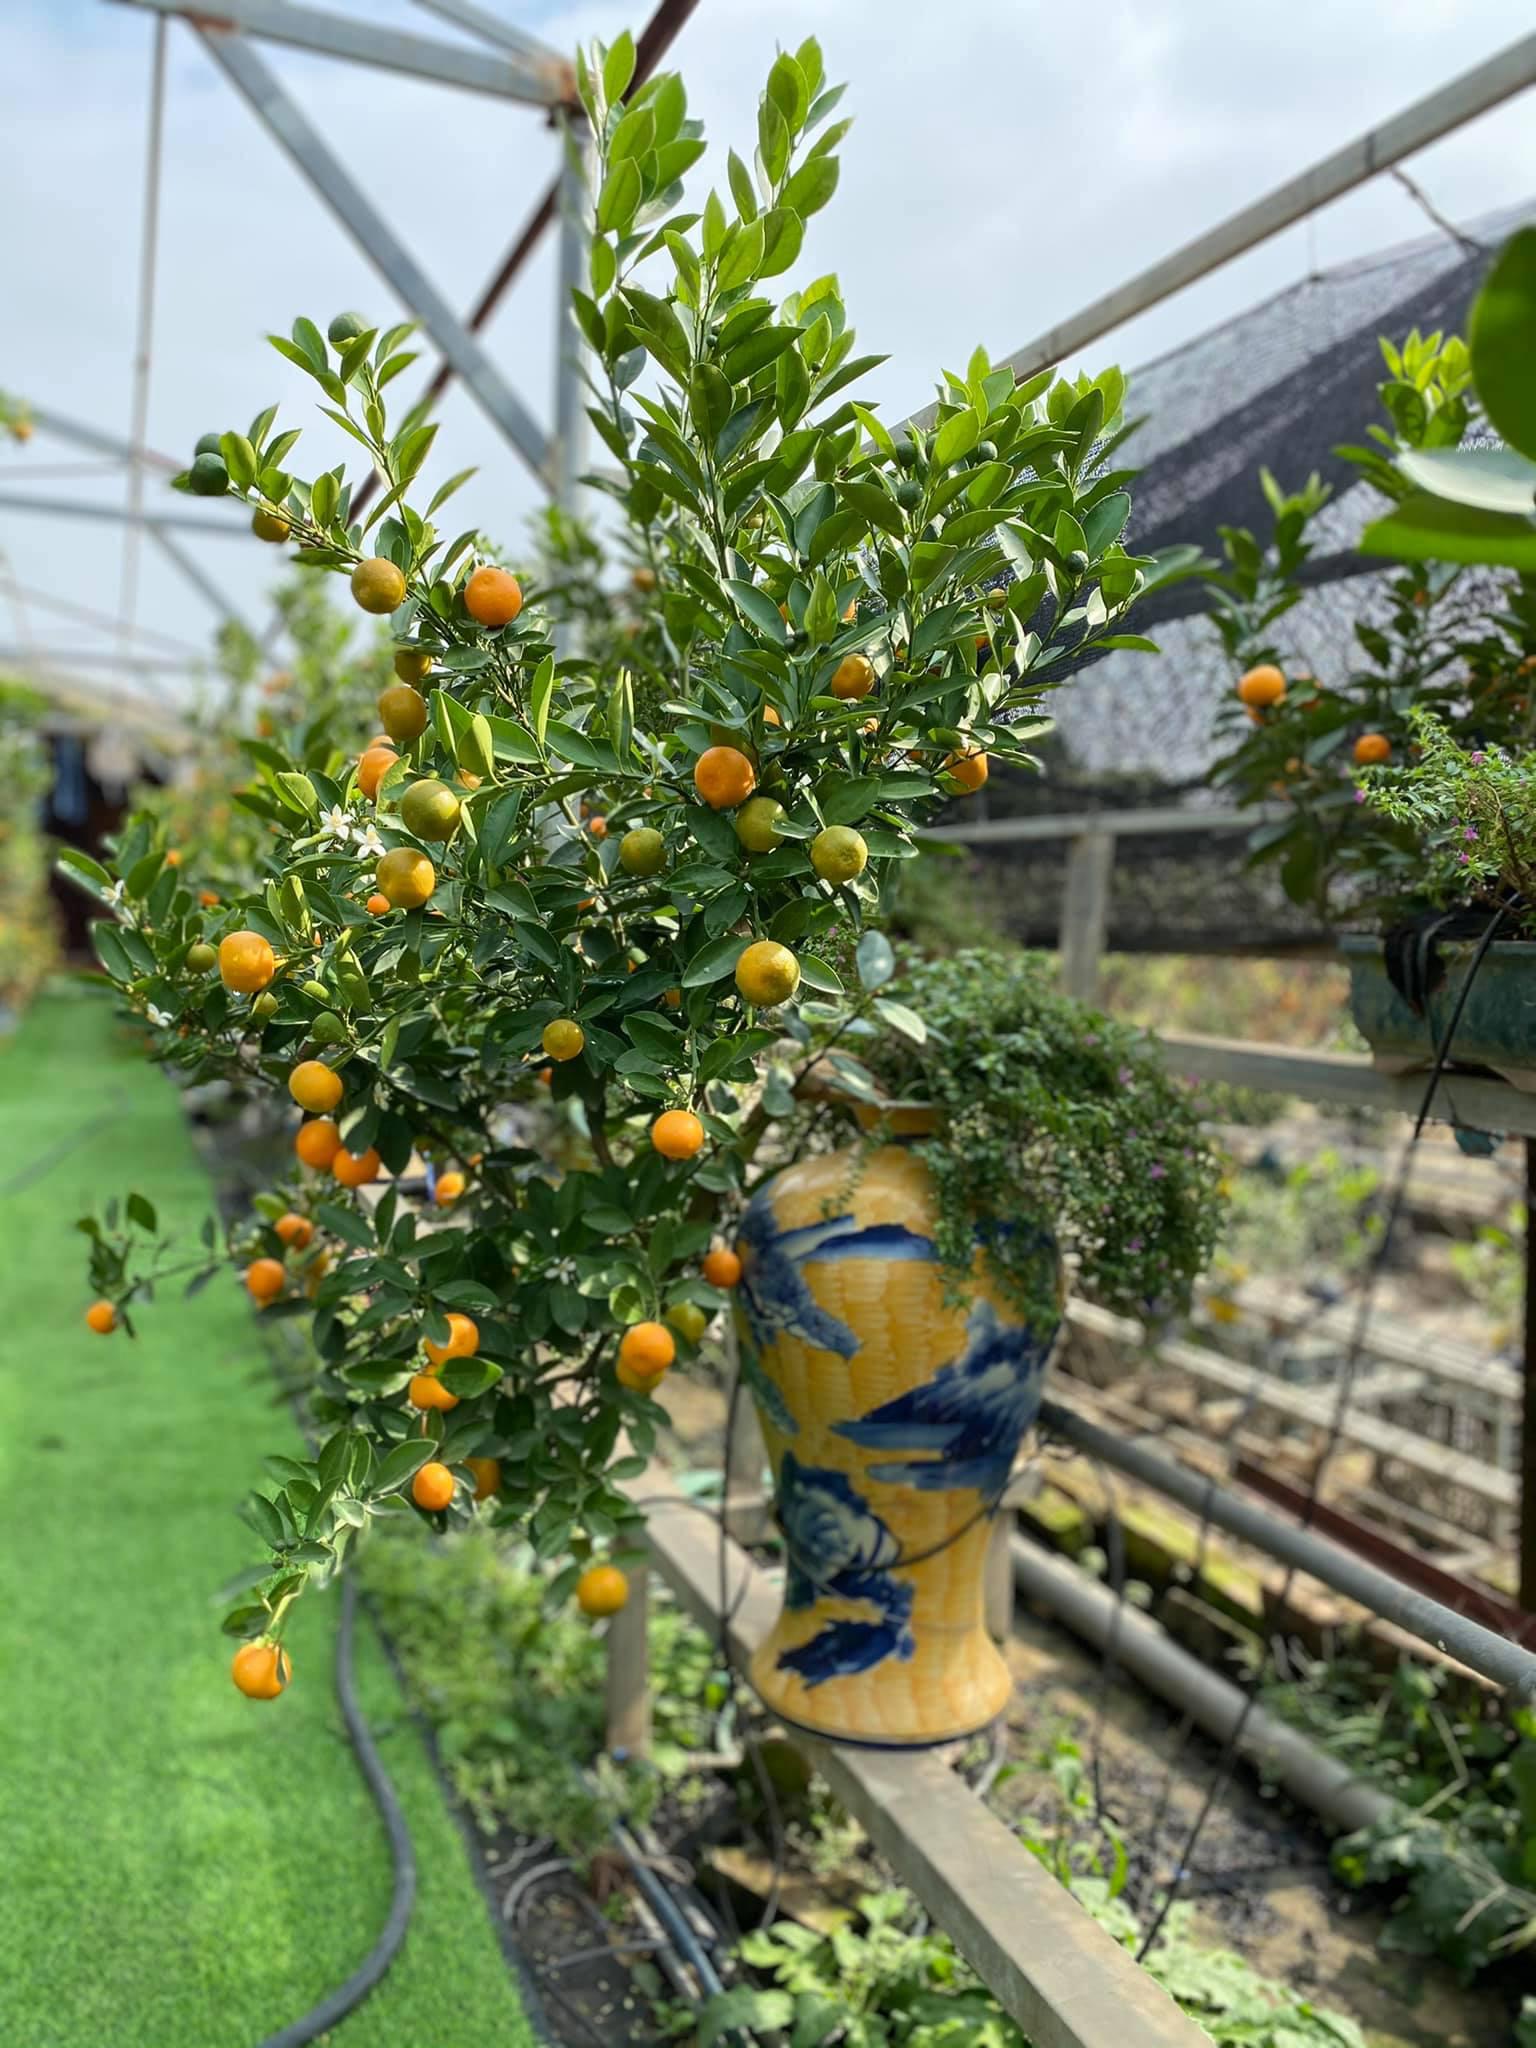 Tết Tân Sửu: Quất bonsai mini, vừa túi tiền dễ bán, dễ mua, dễ trưng bày đắt khách như tôm tươi - Ảnh 1.